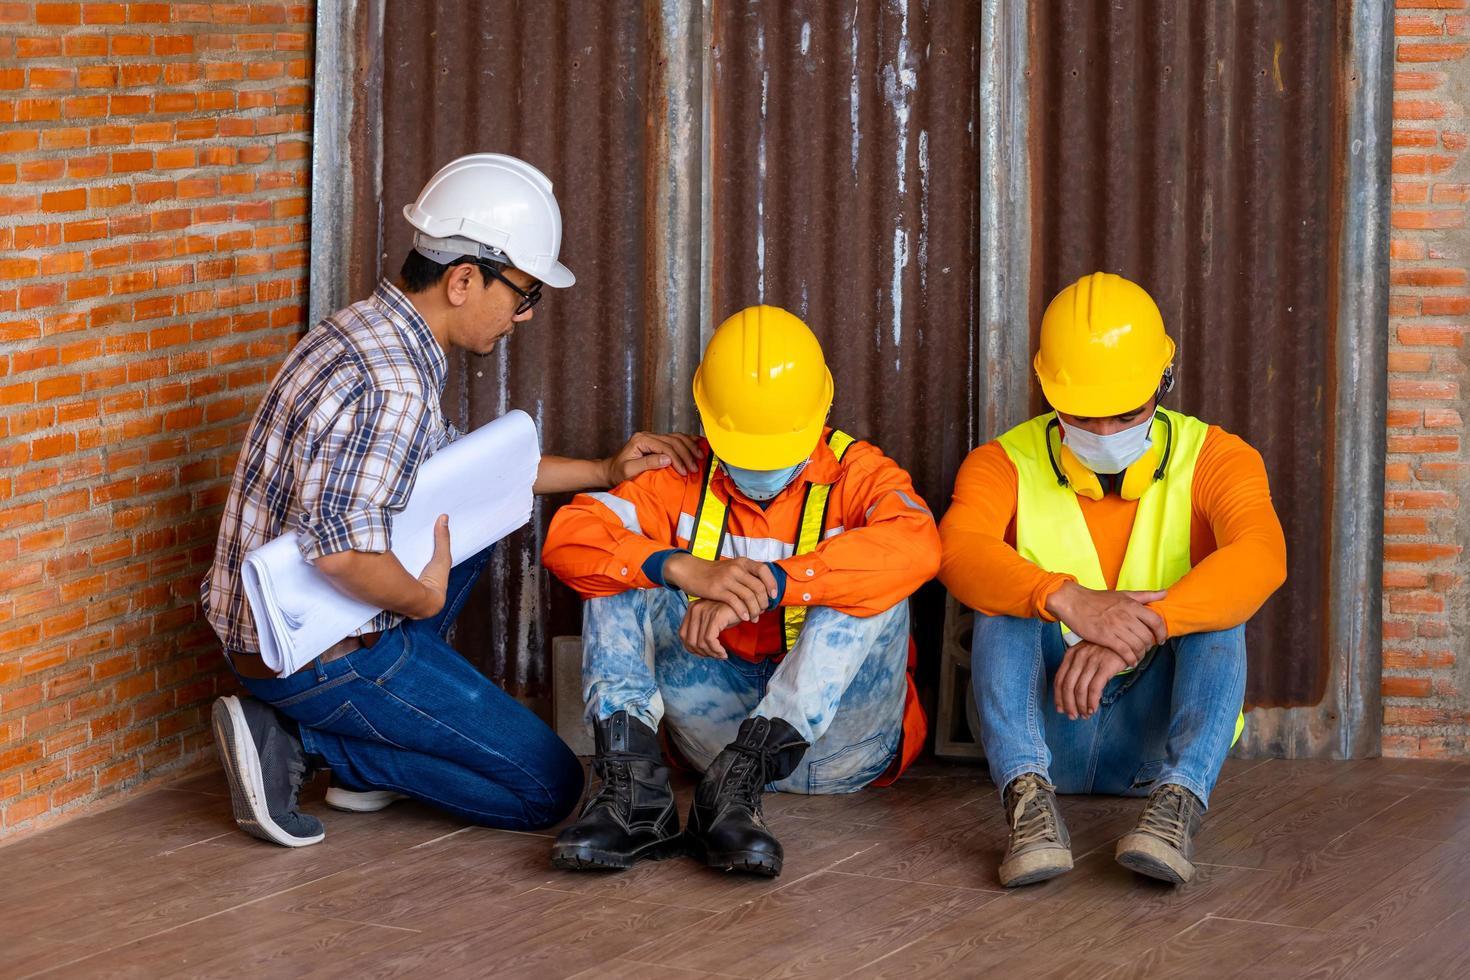 drie mannen die beschermende uitrusting dragen naast bakstenen muur foto